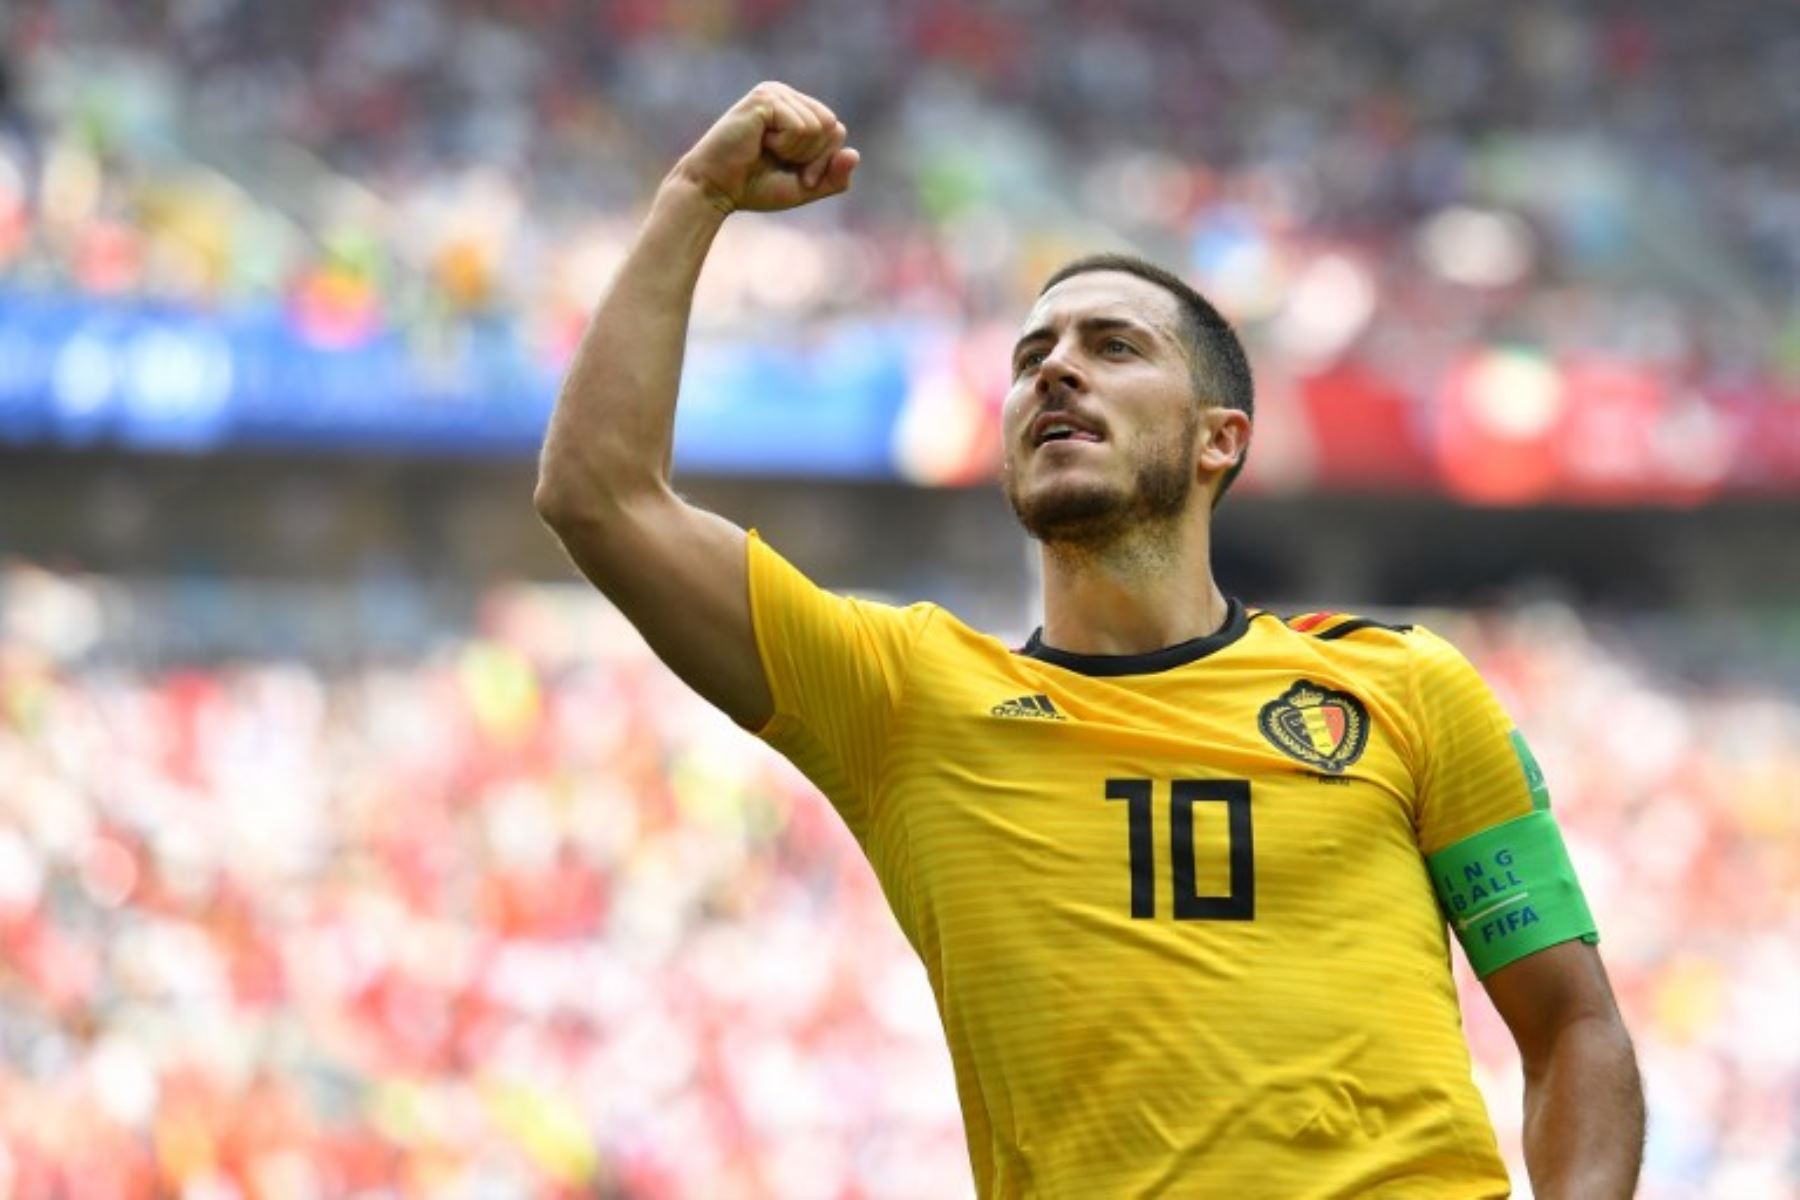 Chelsea eleva el precio del belga Hazard en 225 millones de euros. El  mediocampista mostró su deseo de jugar por el Real Madrid. AFP 60af123f5d5ea